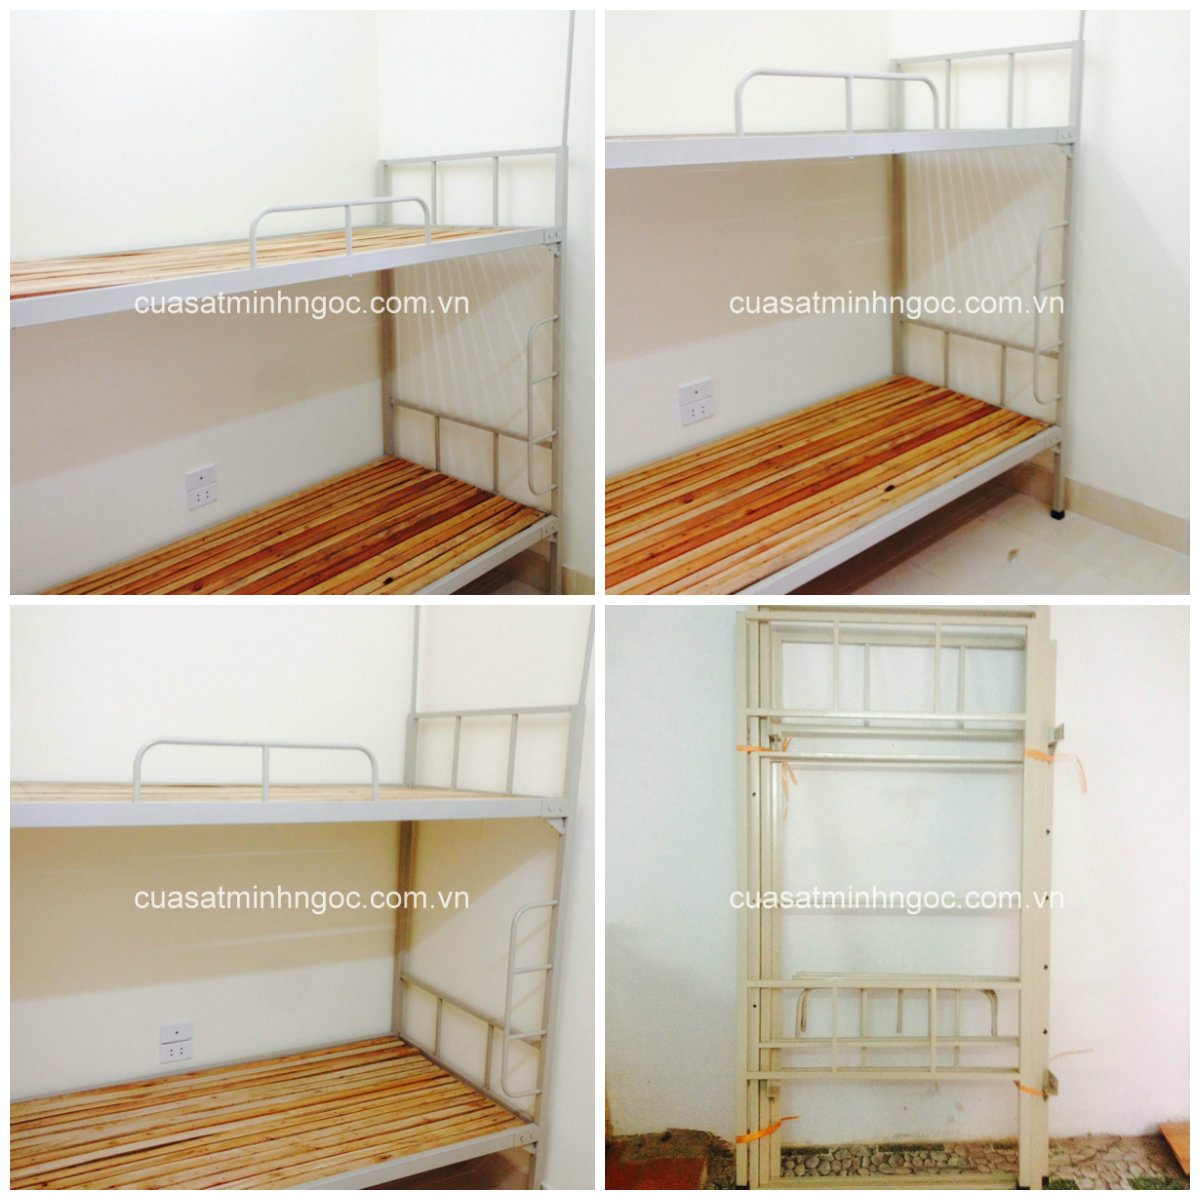 Giường tầng sắt Minh Ngọc - GTS01